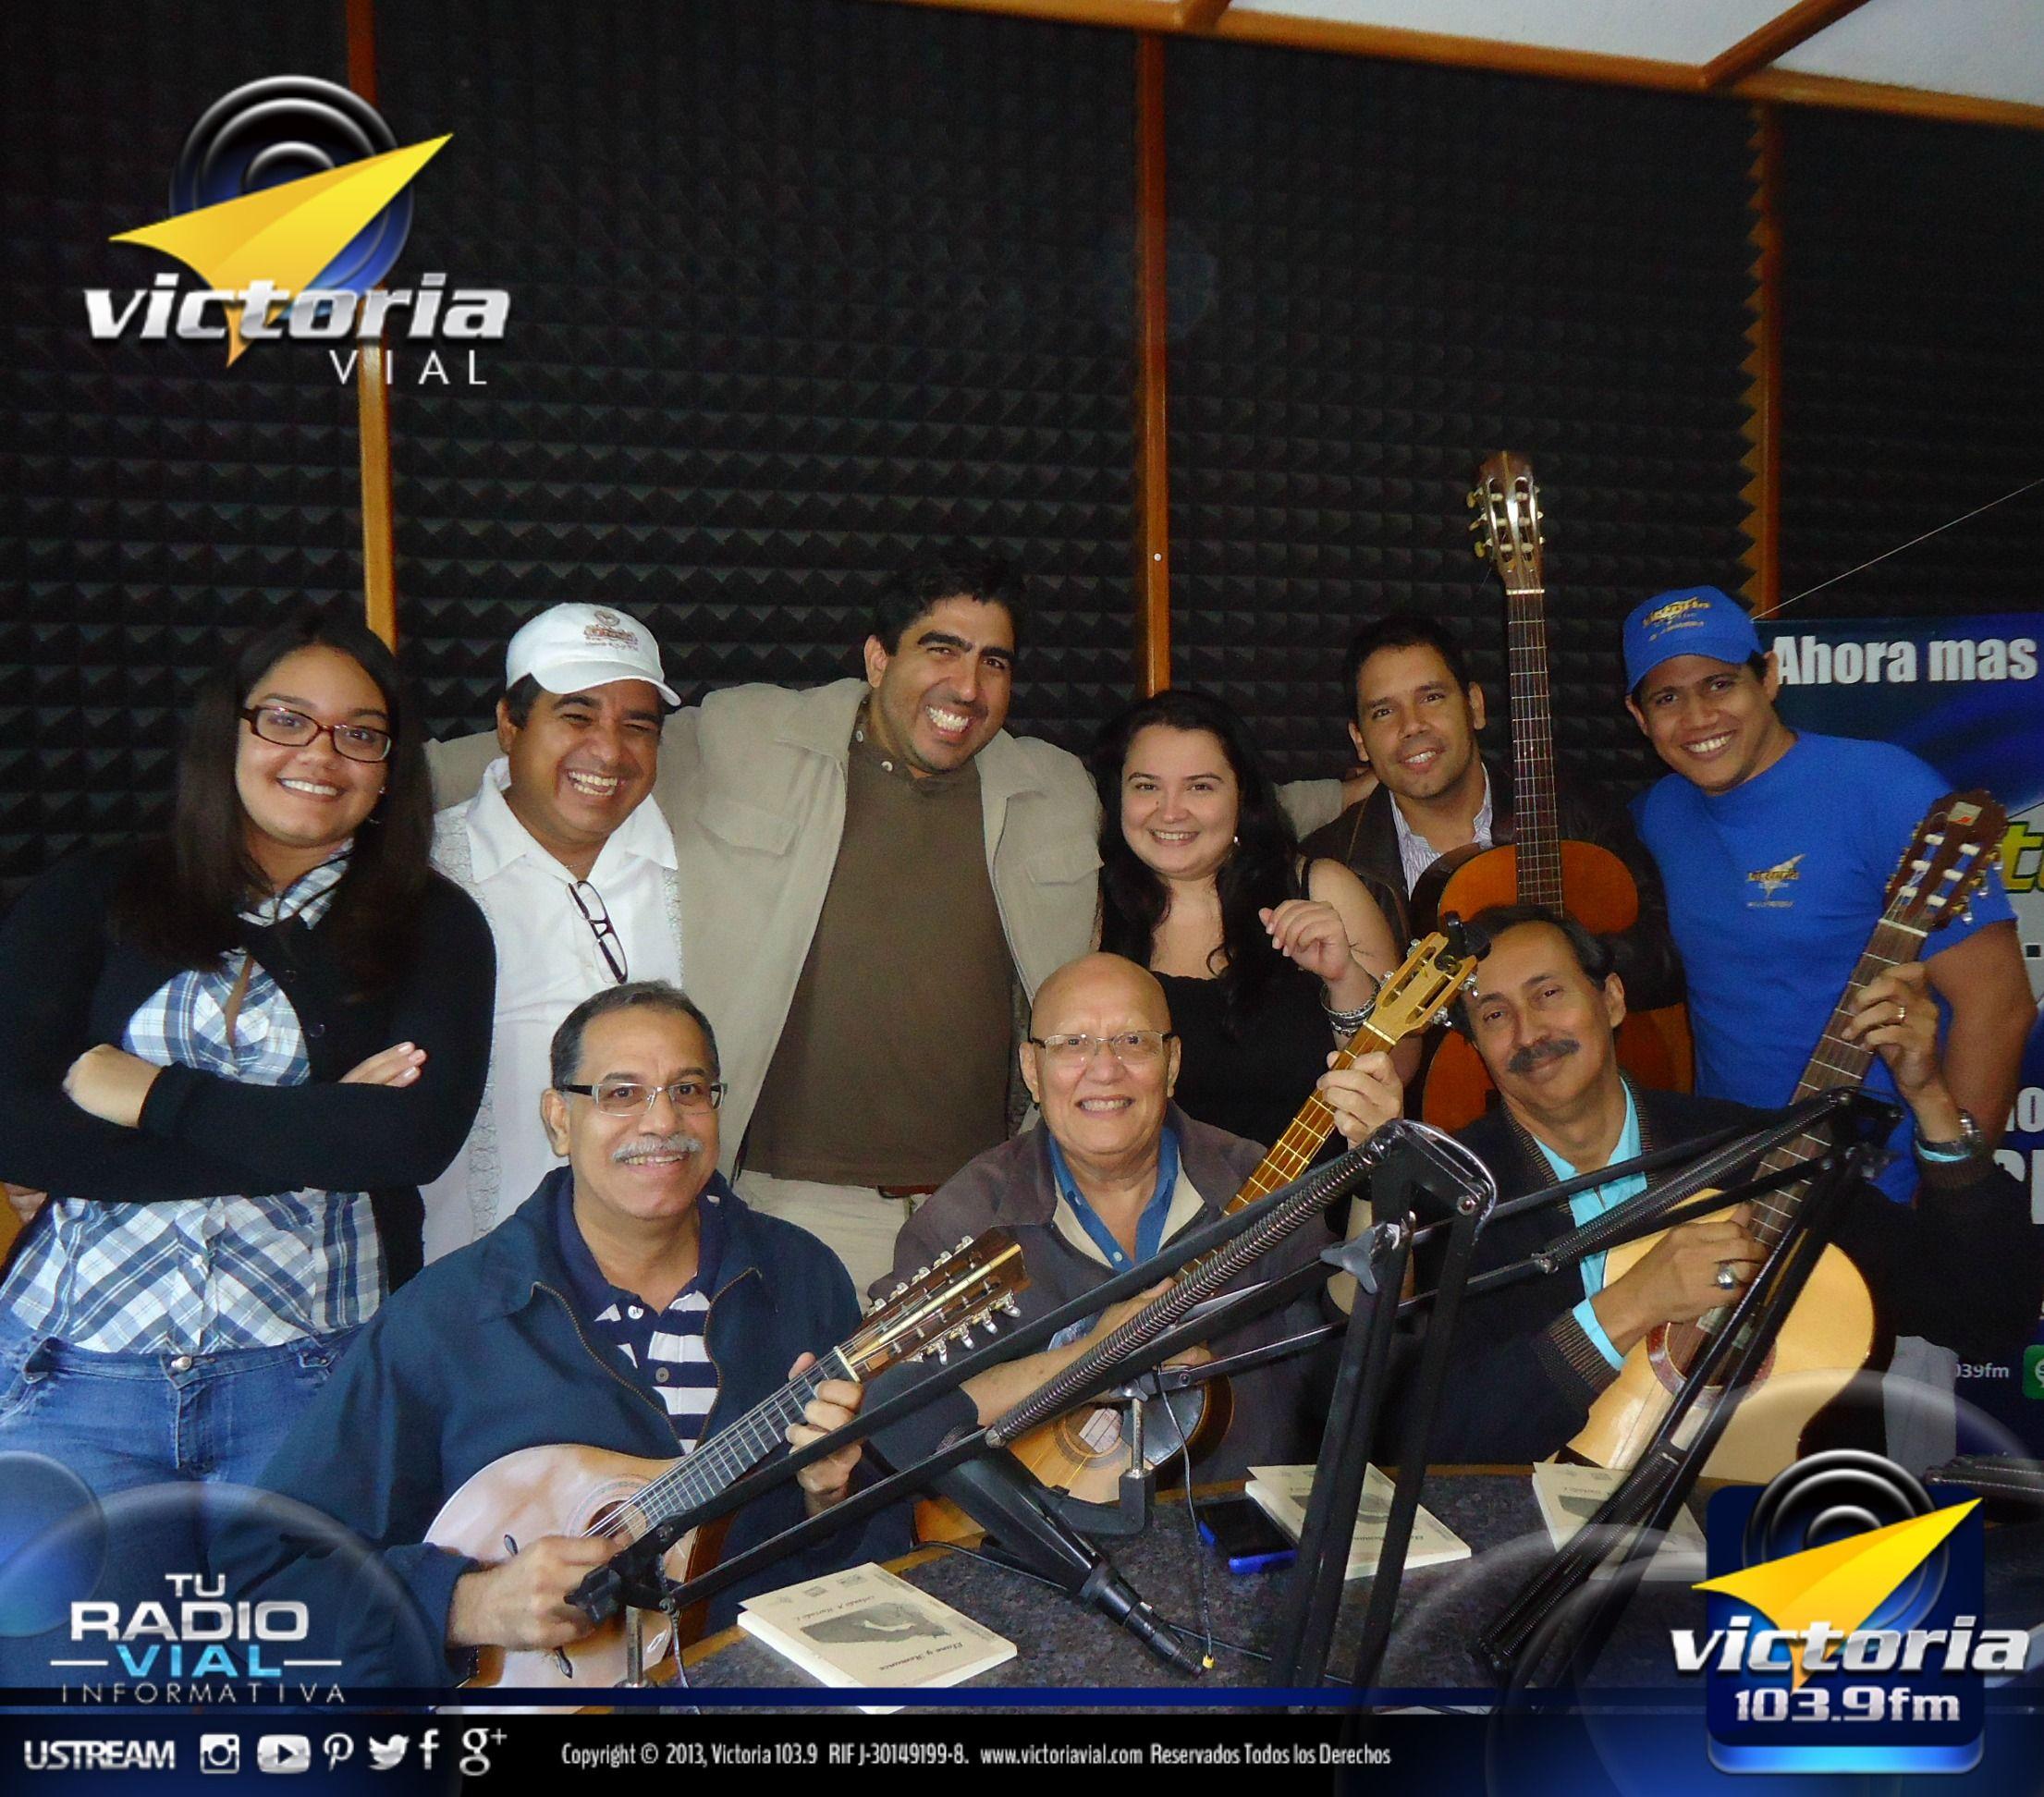 Hoy en los estudios de #VictoriaFM estuvo el Grupo #Cumaragua, durante el programa #LaTertulia, en el que estuvieron rindiéndole un homenaje a la ciudad de #Caracas por sus 447 años de fundada.